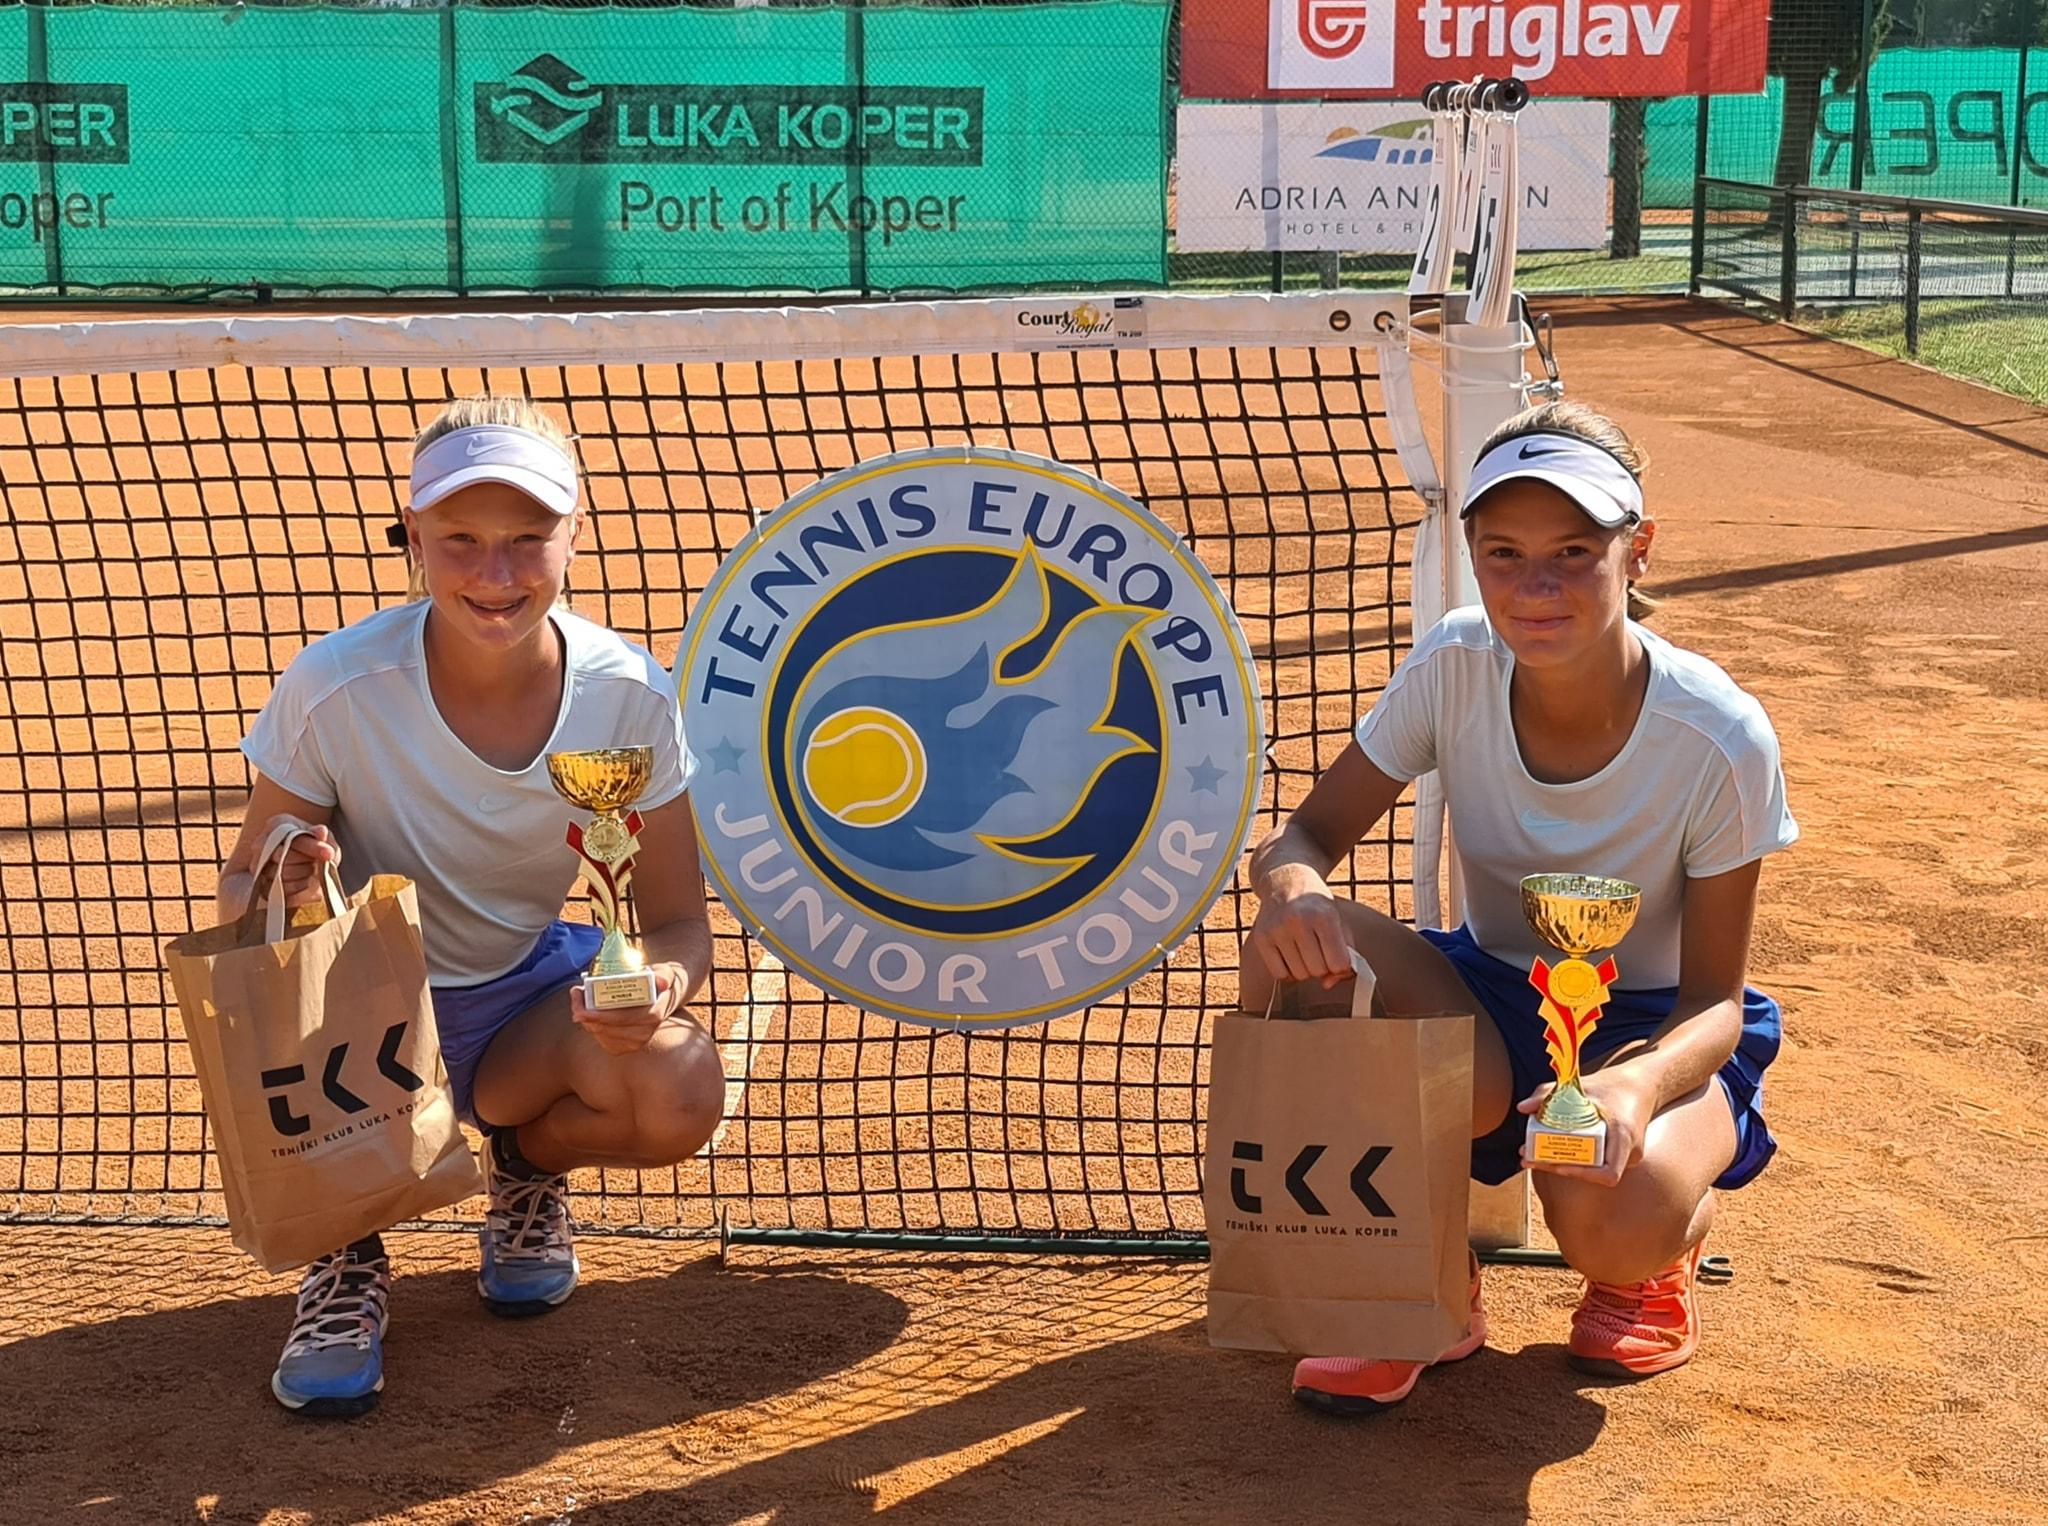 119171675 3208656405869125 1088249845588699521 o - Tennis Europe: Izjemna Hojnikova do naslova v Kopru, v dvojicah najboljši Julija Bogatin in Nika Završki (FOTO)